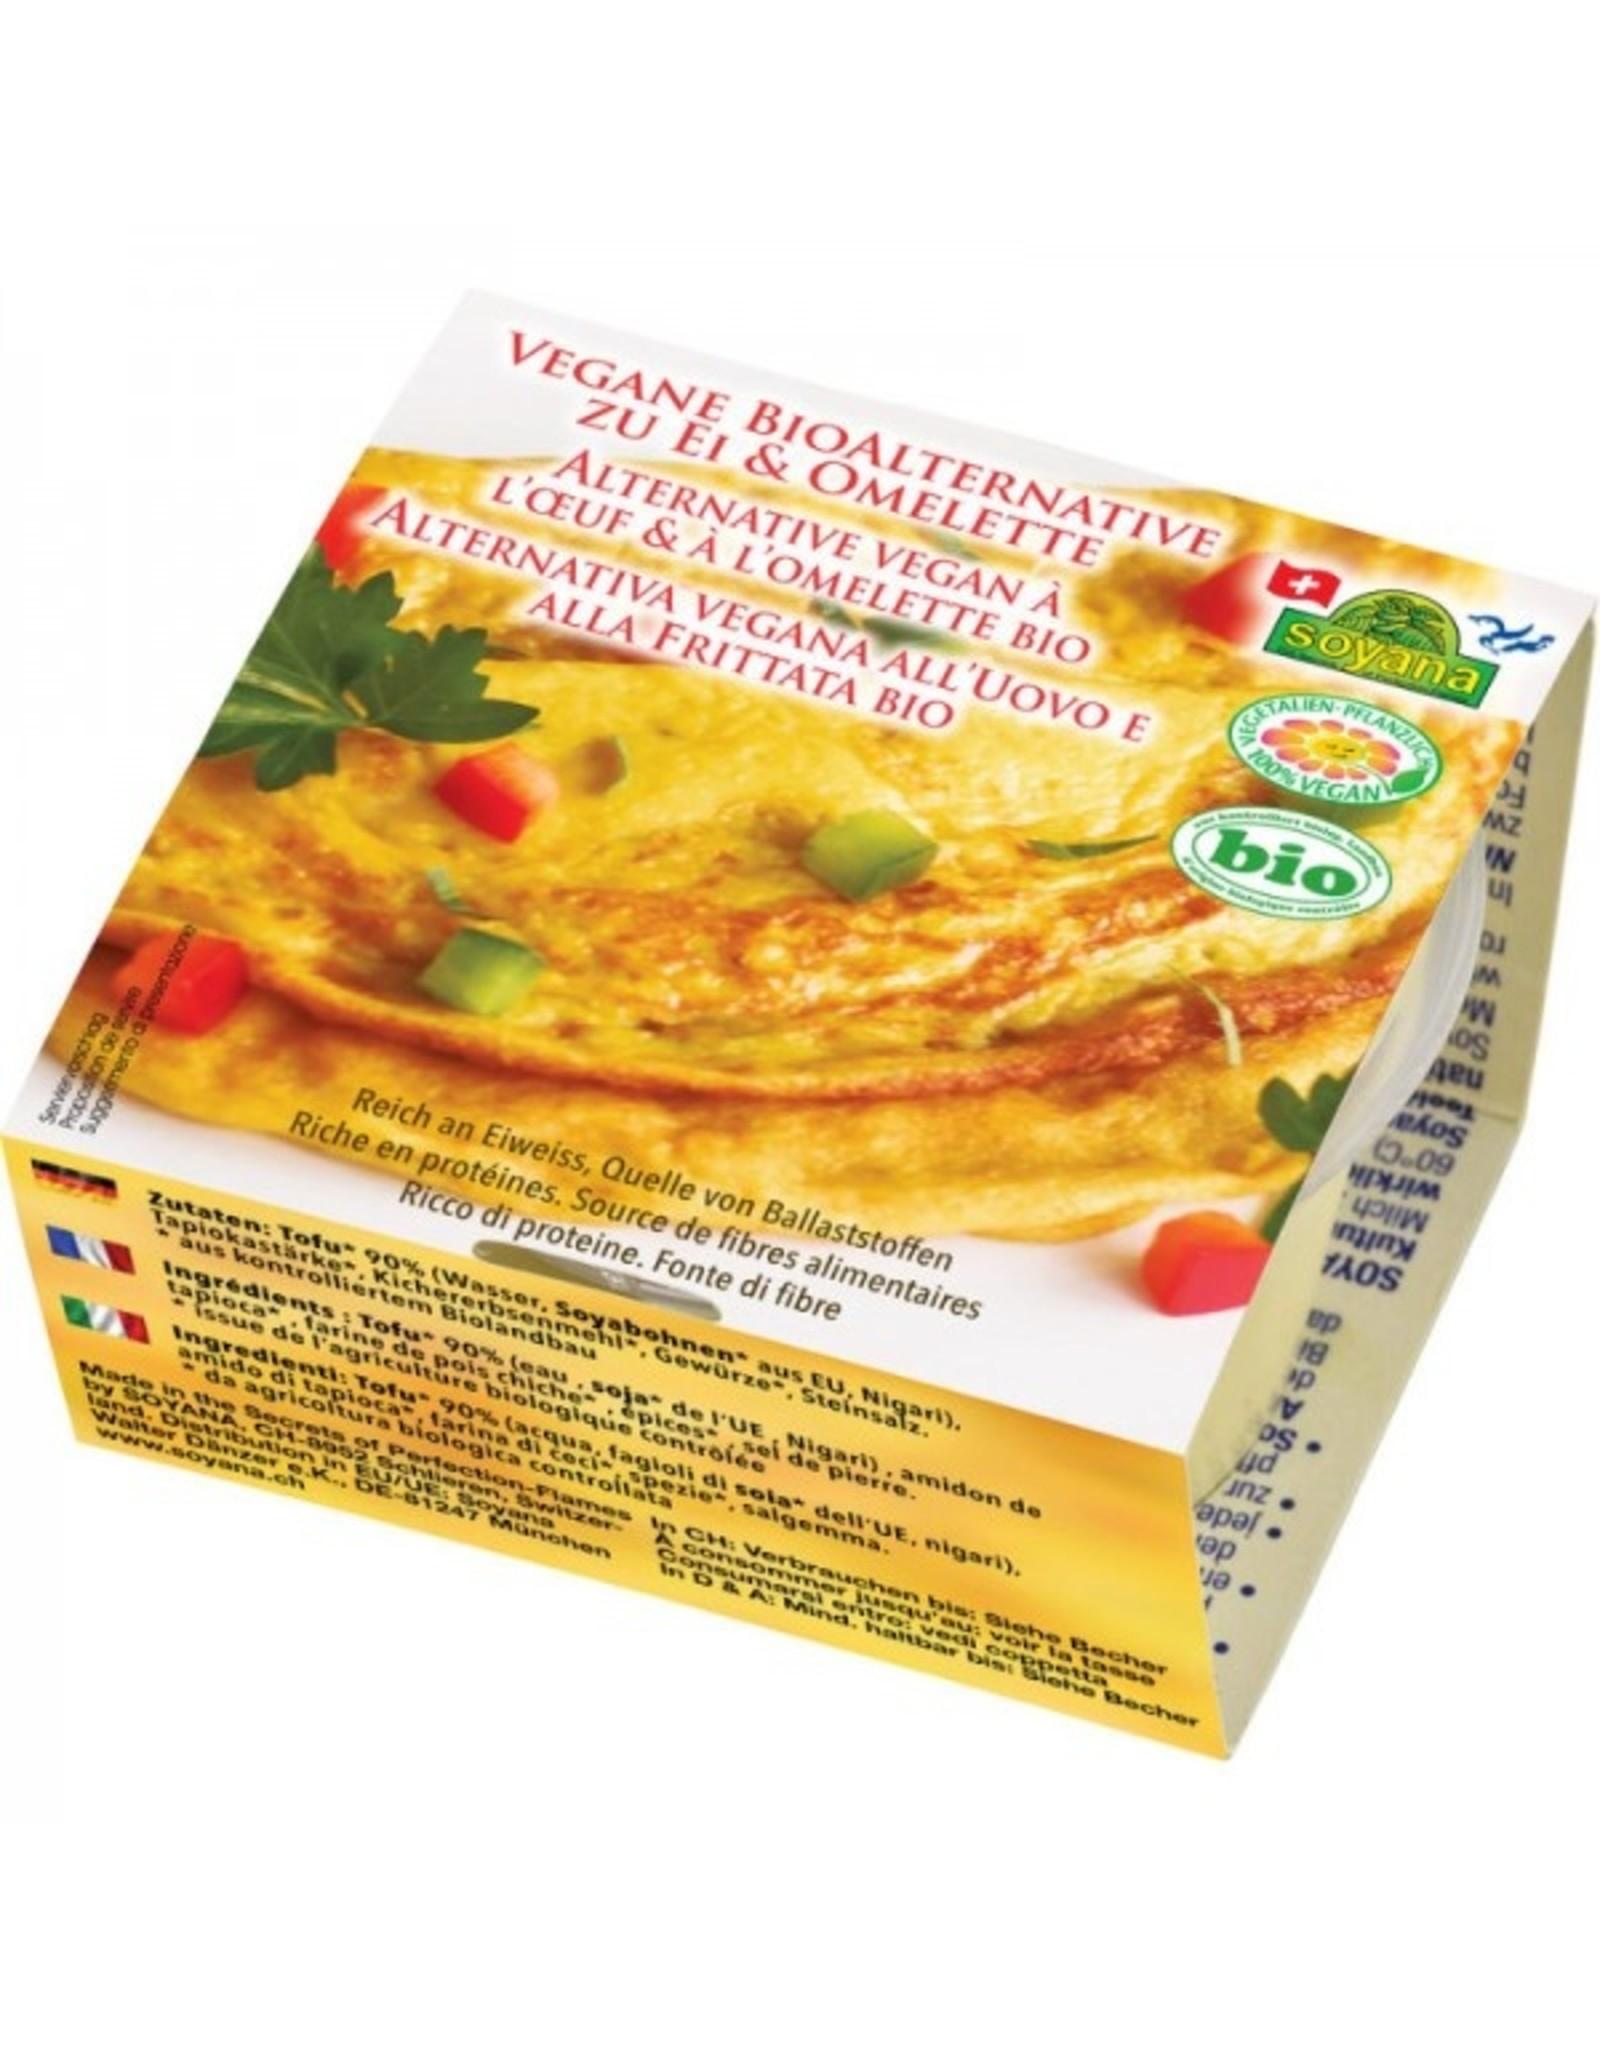 Soyana Veganes Ei & Omelette 200g